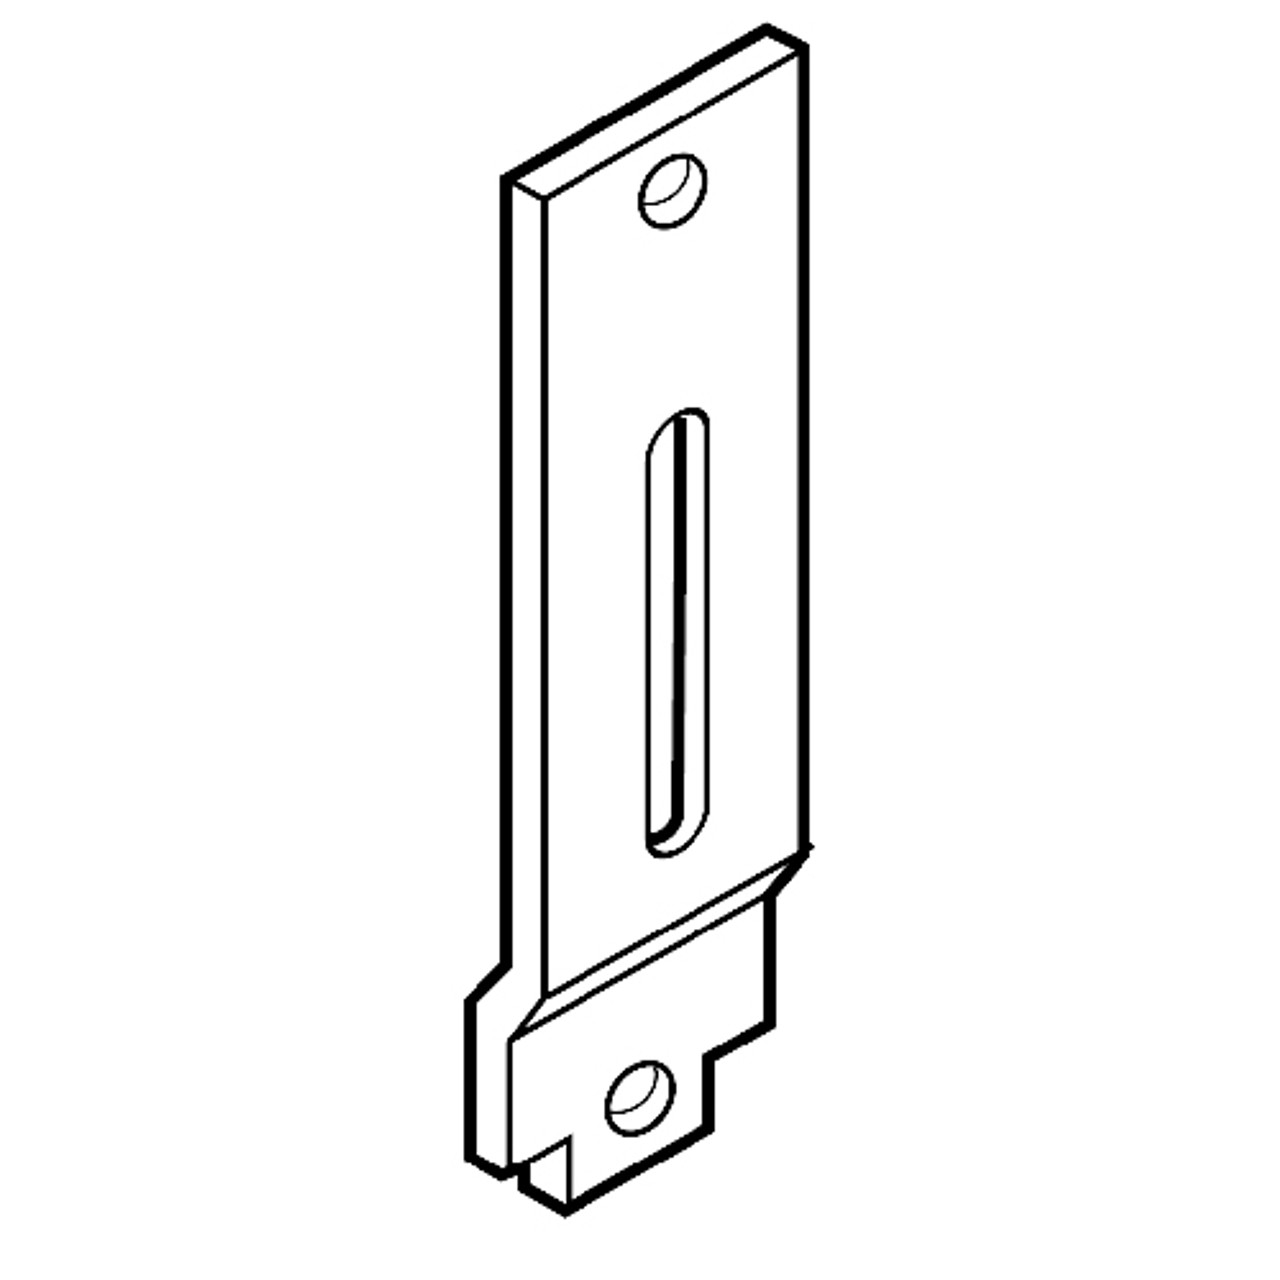 91-0966 Adams Rite Universal Mounting Tab Kit for Beveled Stiles